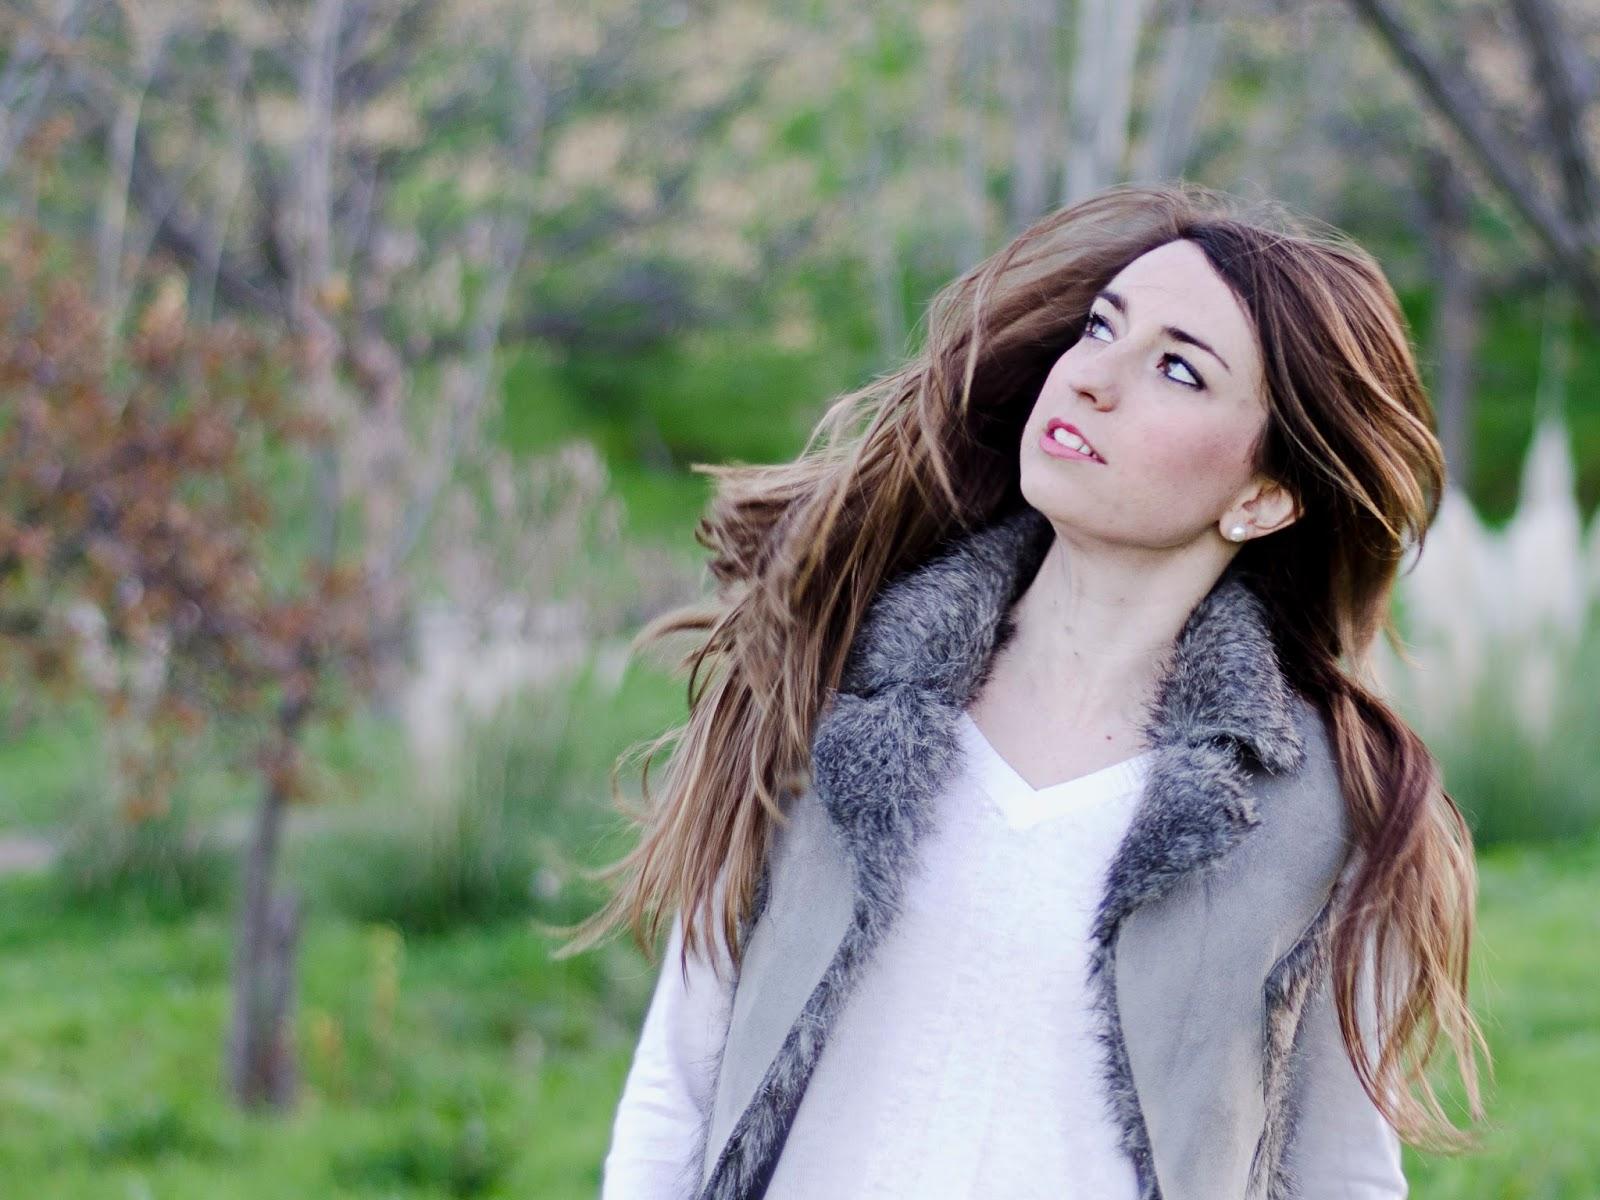 El Diván Azul: 5 trucos para mejorar tu fotografía de retrato; movimiento